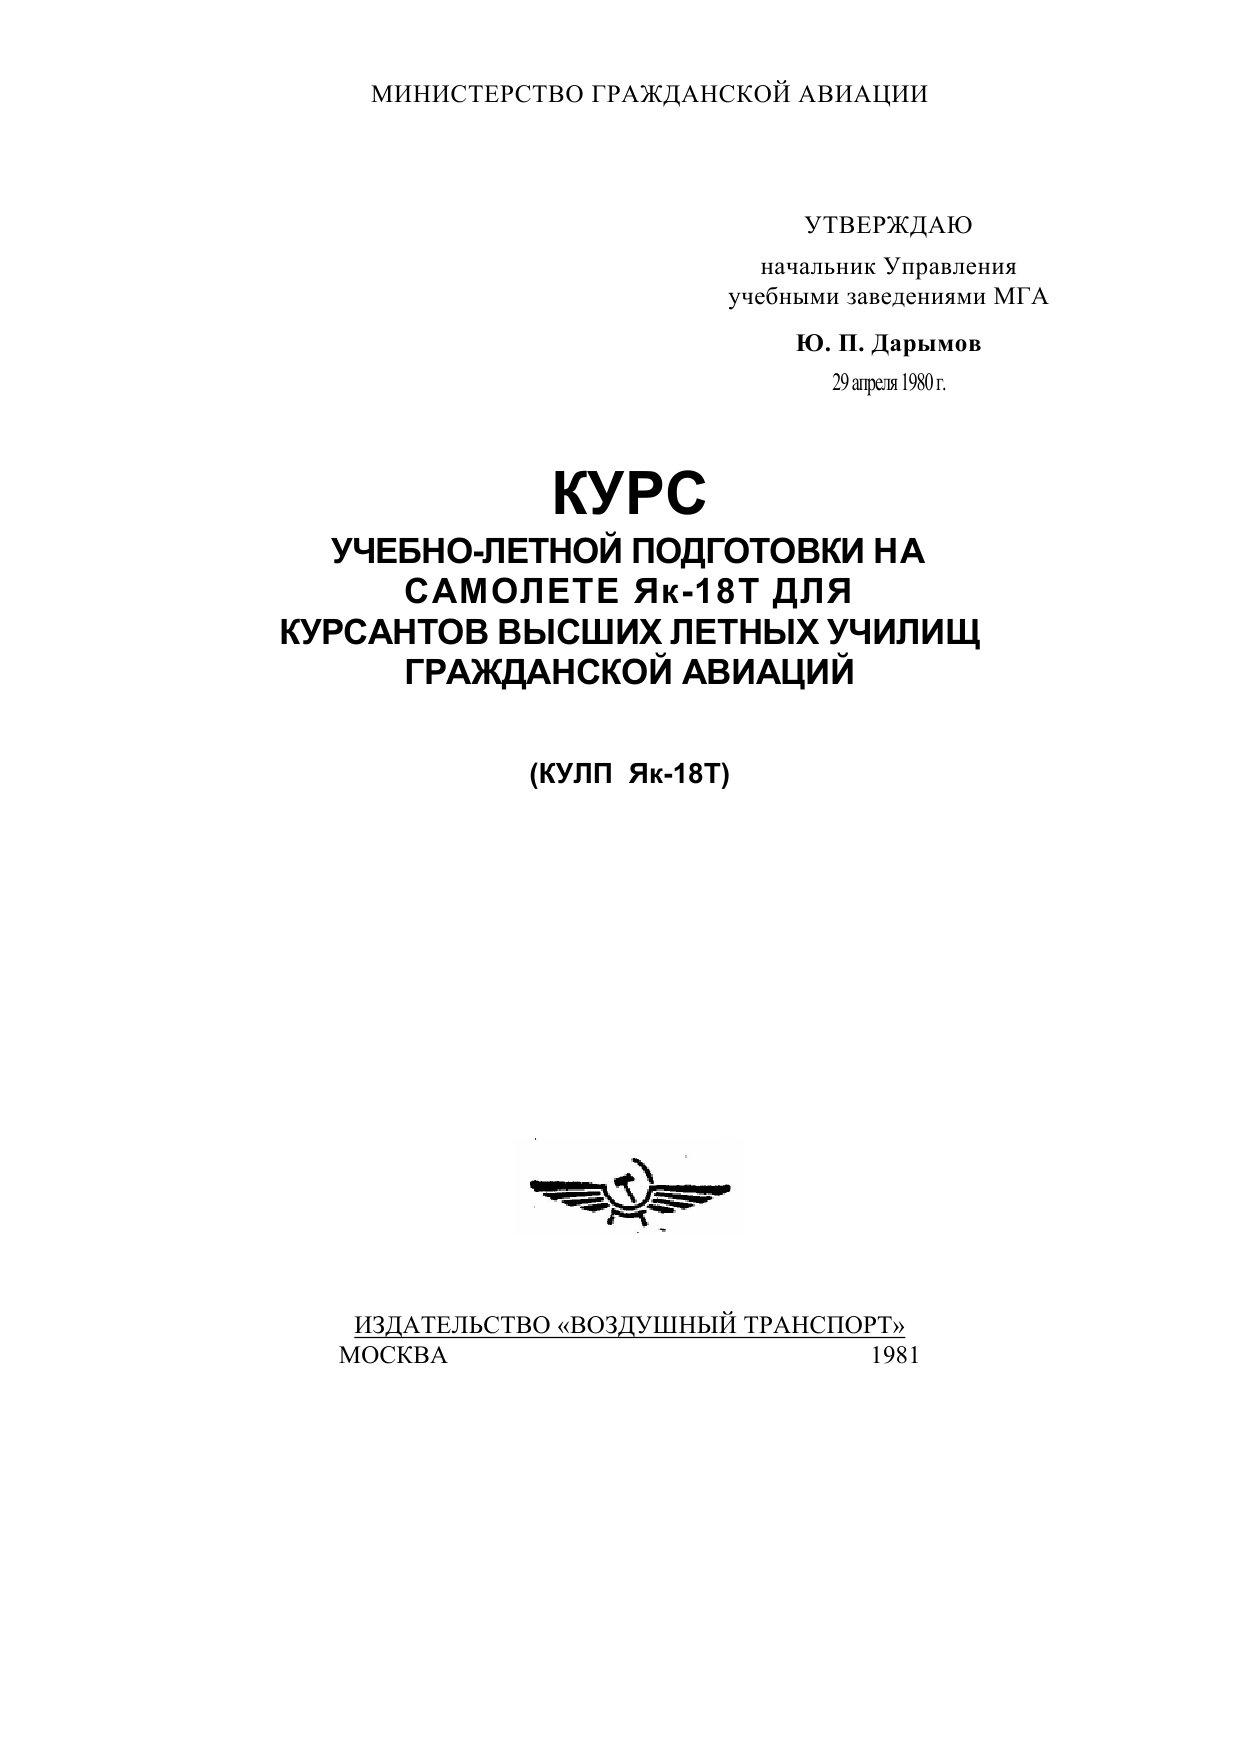 Обложка книги Курс учебно-летной подготовки на самолете Як-18Т для курсаннтов высших летных училищ гражданской авиации (Лебедев А.М)